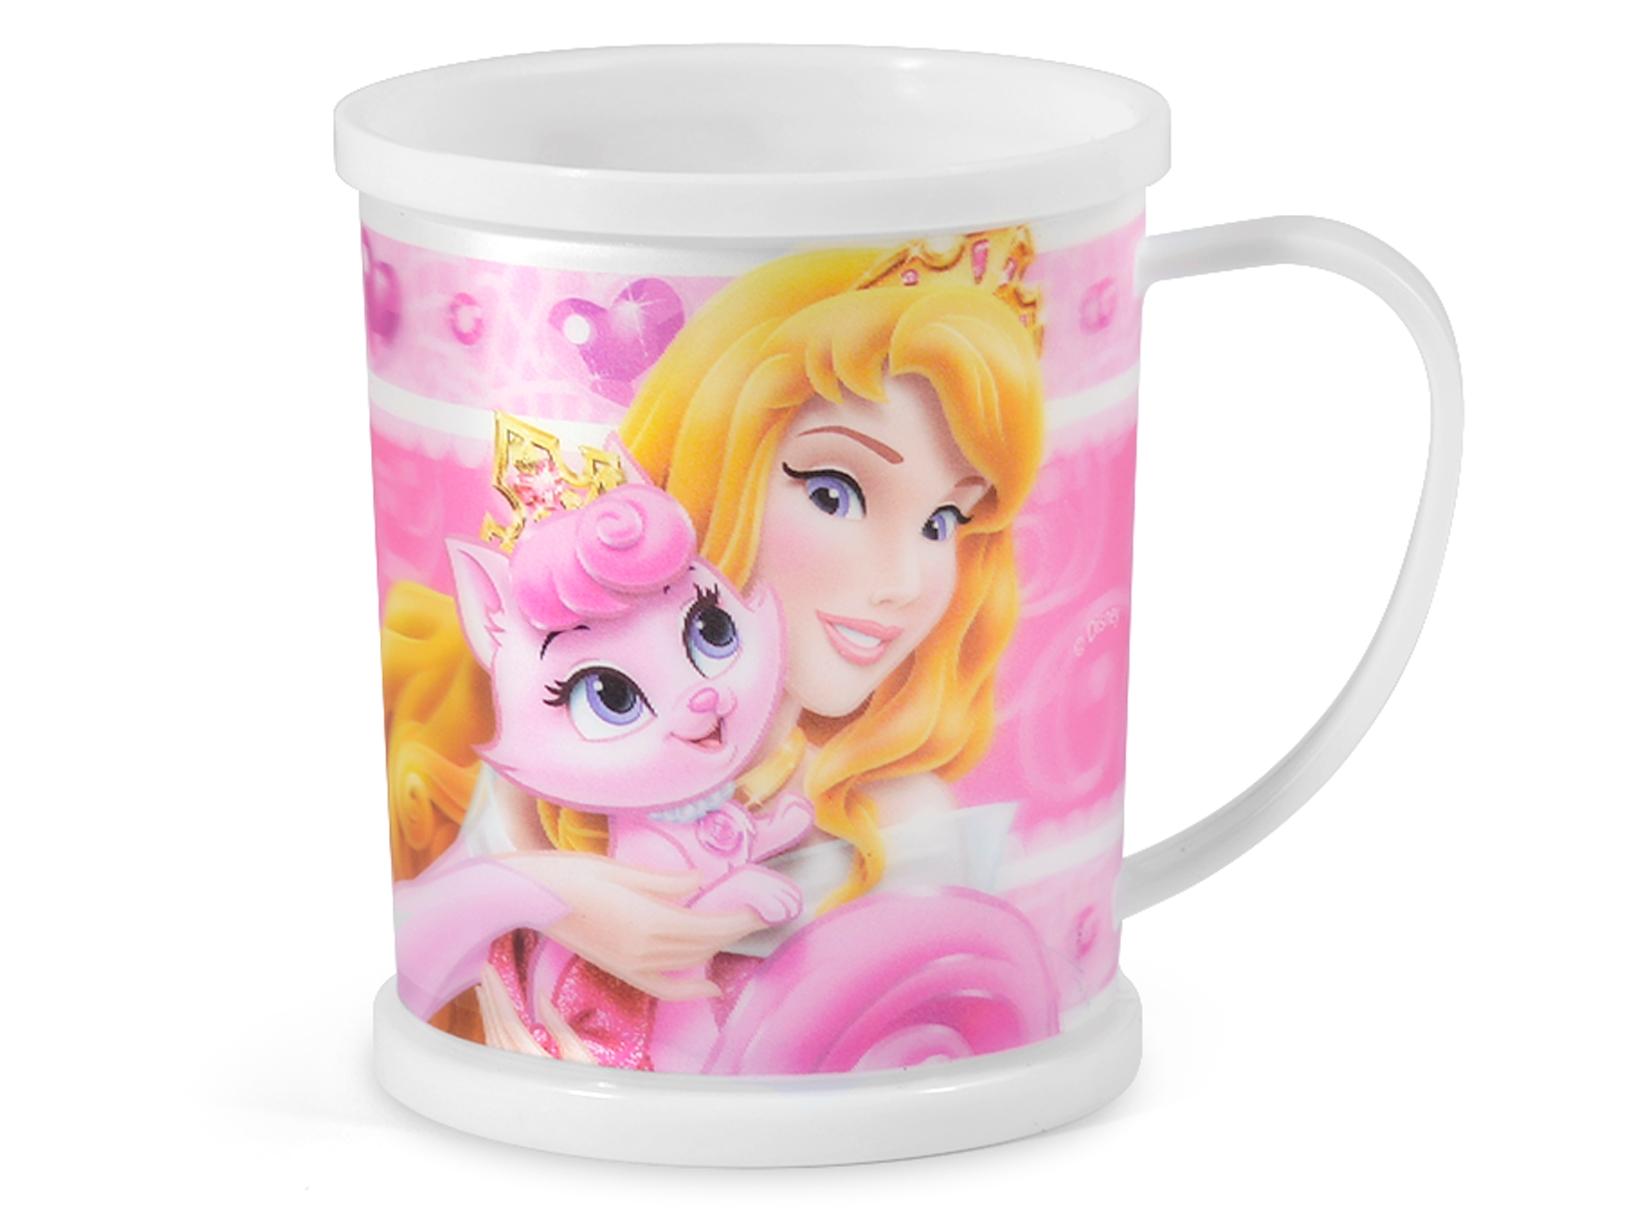 Mug 3d Princess Palace&pets Disney